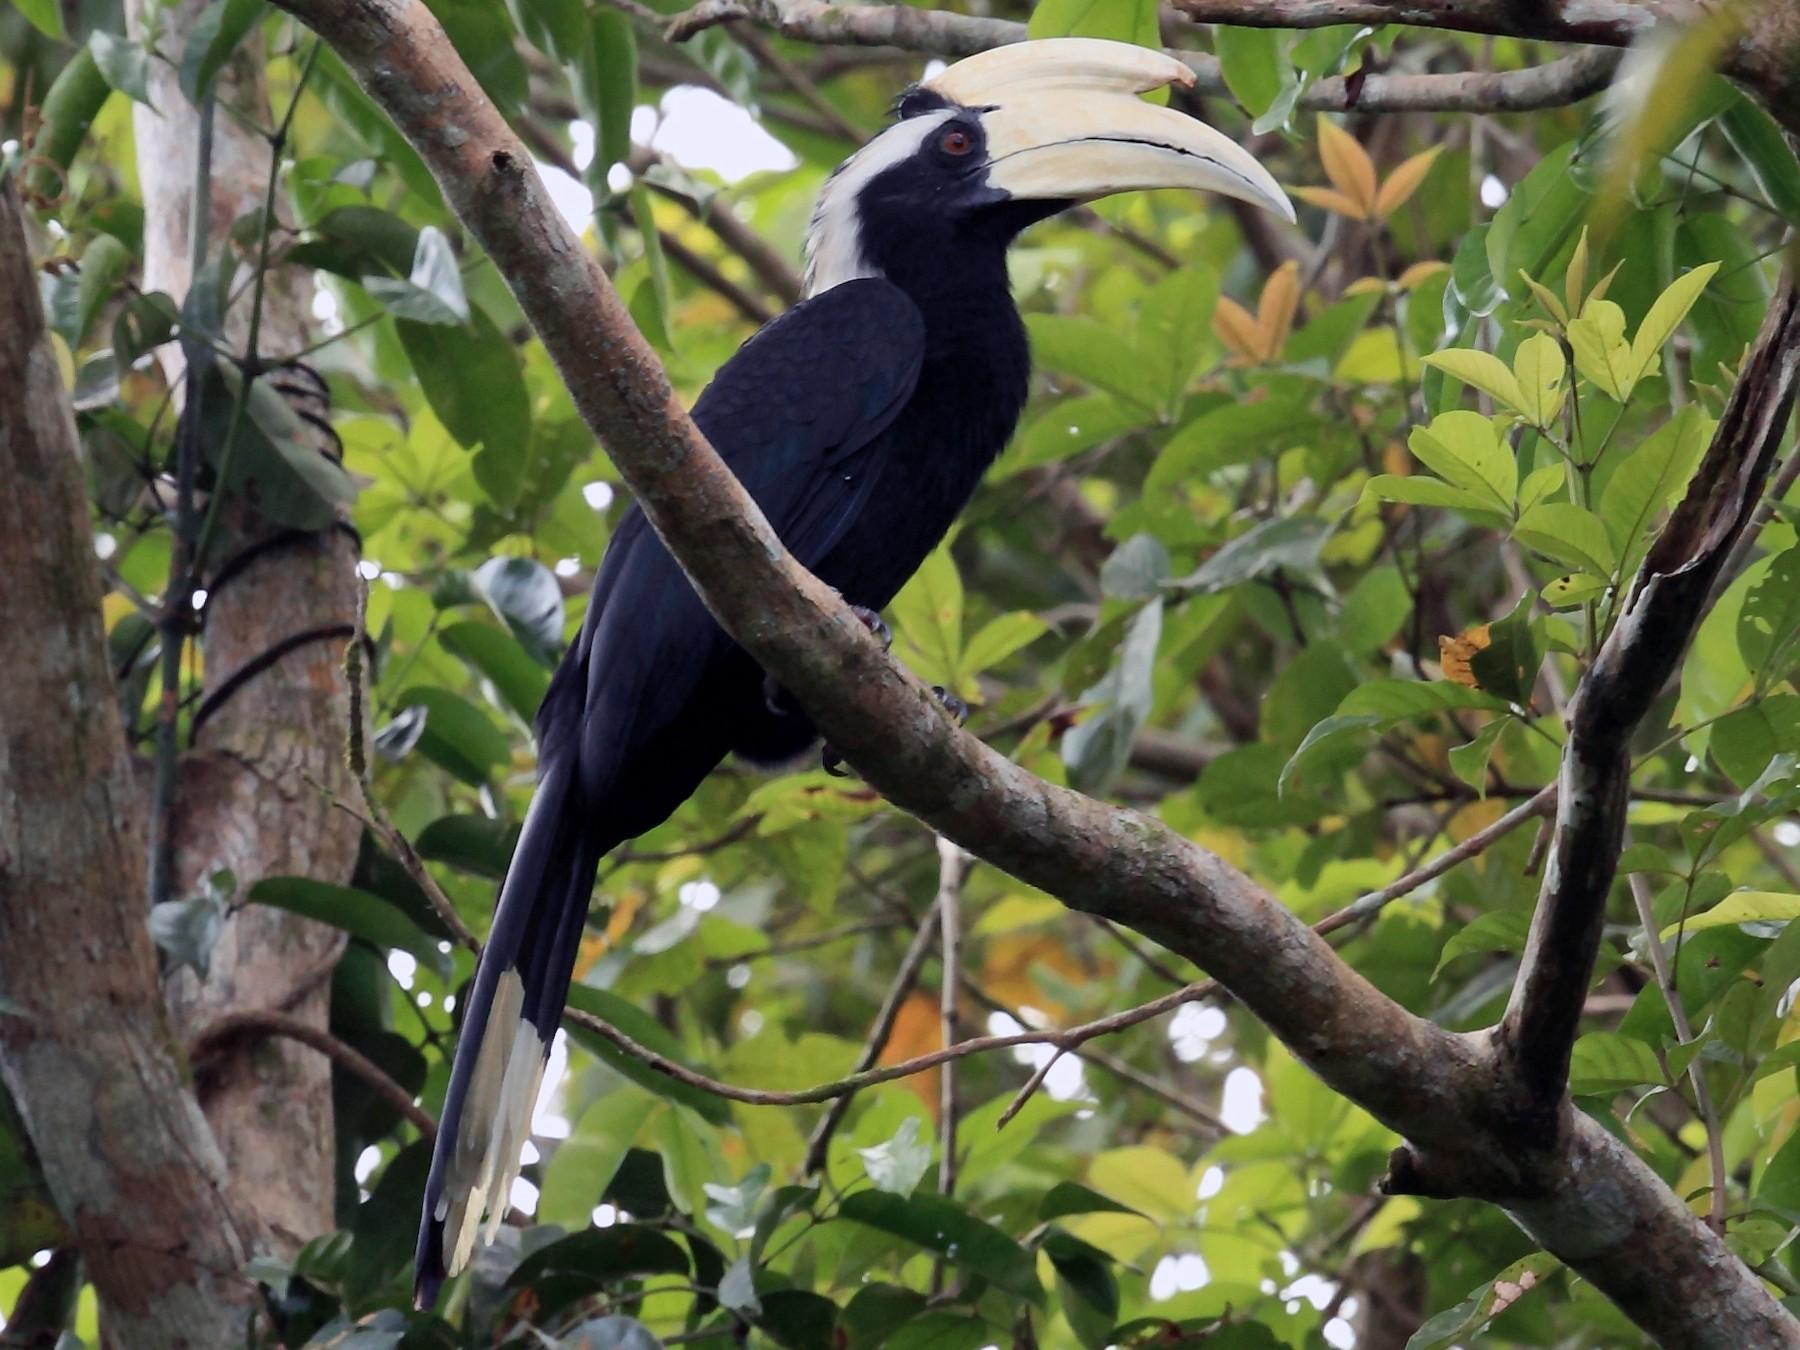 Black Hornbill - Nigel Voaden